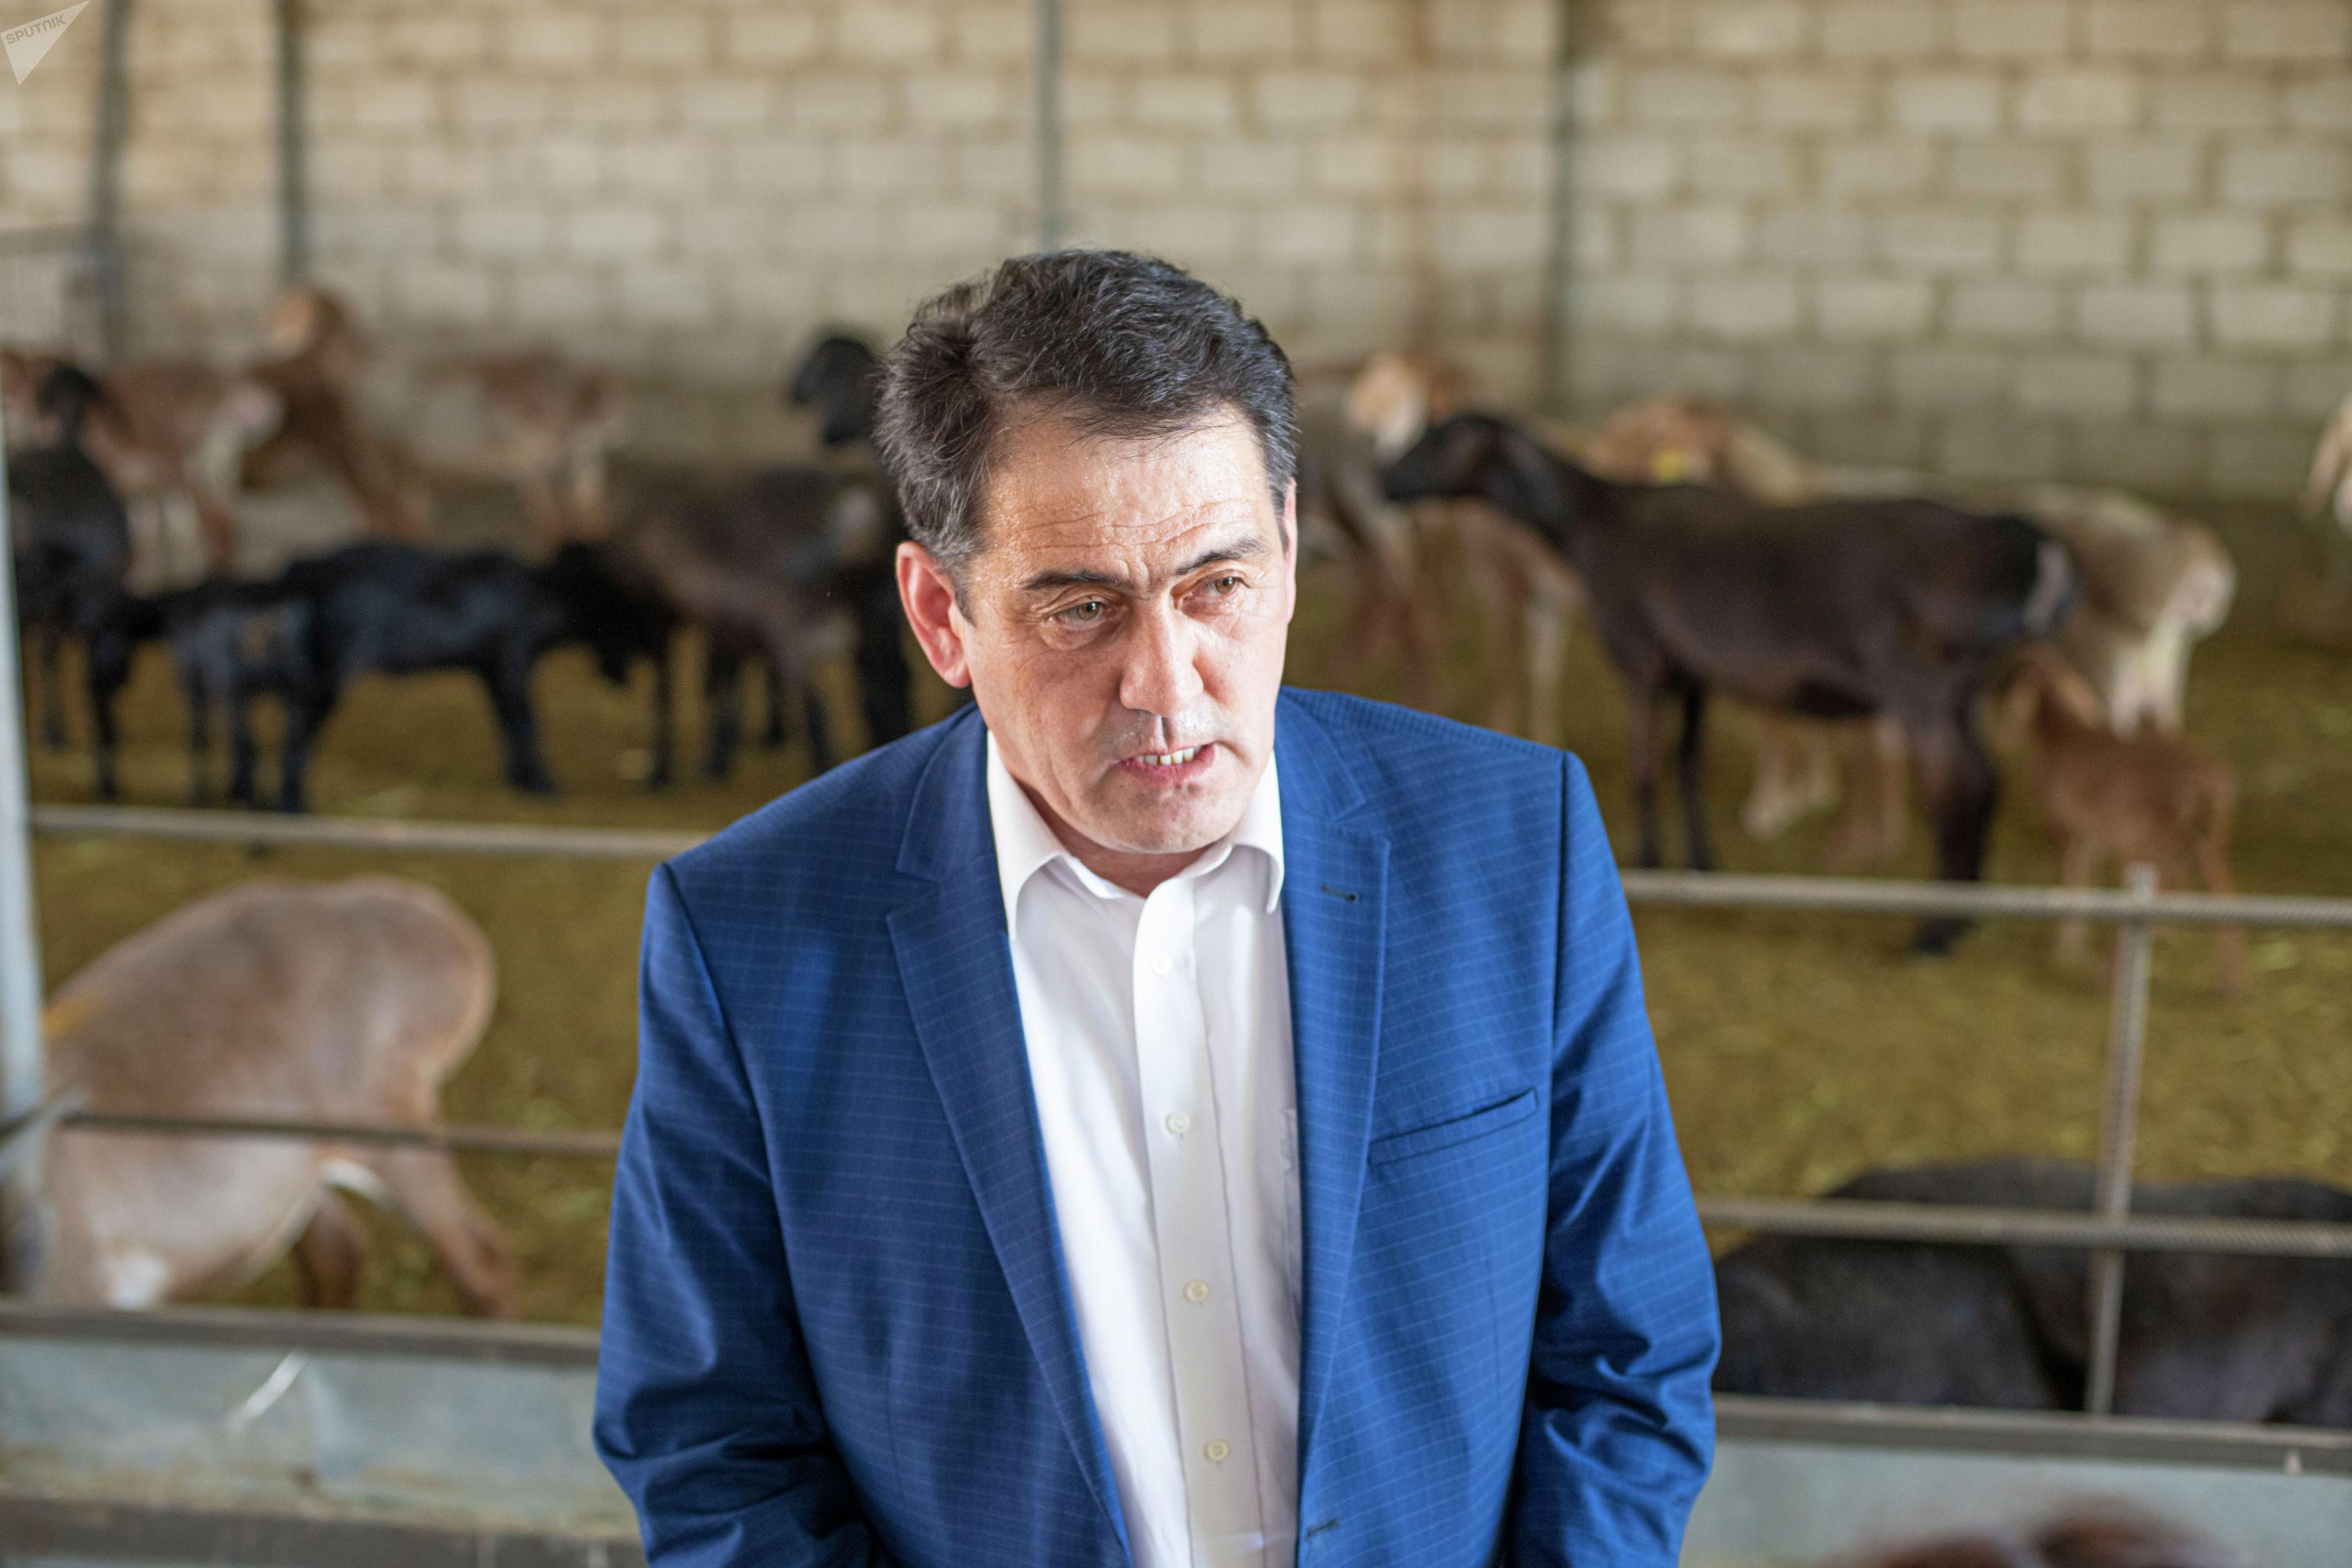 Заведующий отделом разведения и селекции овец и коз Кыргызского НИИ животноводства и пастбищ Рахатбек Ибраев